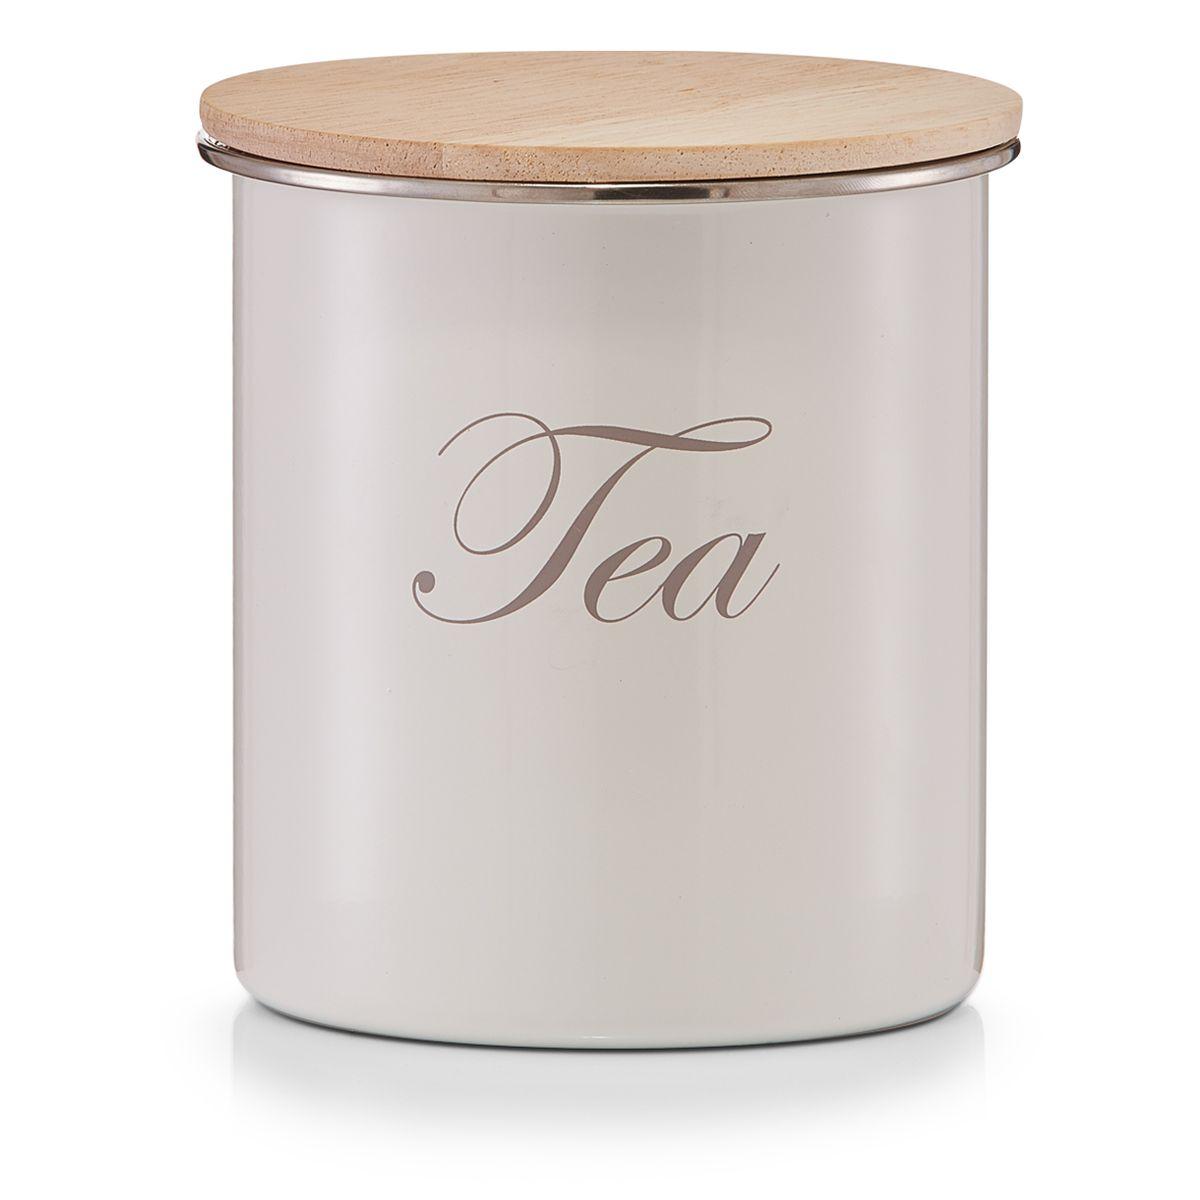 Банка для хранения Zeller Tea, 11,2 х 11,2 х 12,5 см19310Банка Zeller Tea, выполненная из металла, снабжена деревянной крышкой, которая плотно и герметично закрывается, дольше сохраняя аромат и свежесть содержимого. Изделие предназначено для хранения любого вида чая. Стильная и практичная, такая банка станет незаменимым аксессуаром на любой кухне.